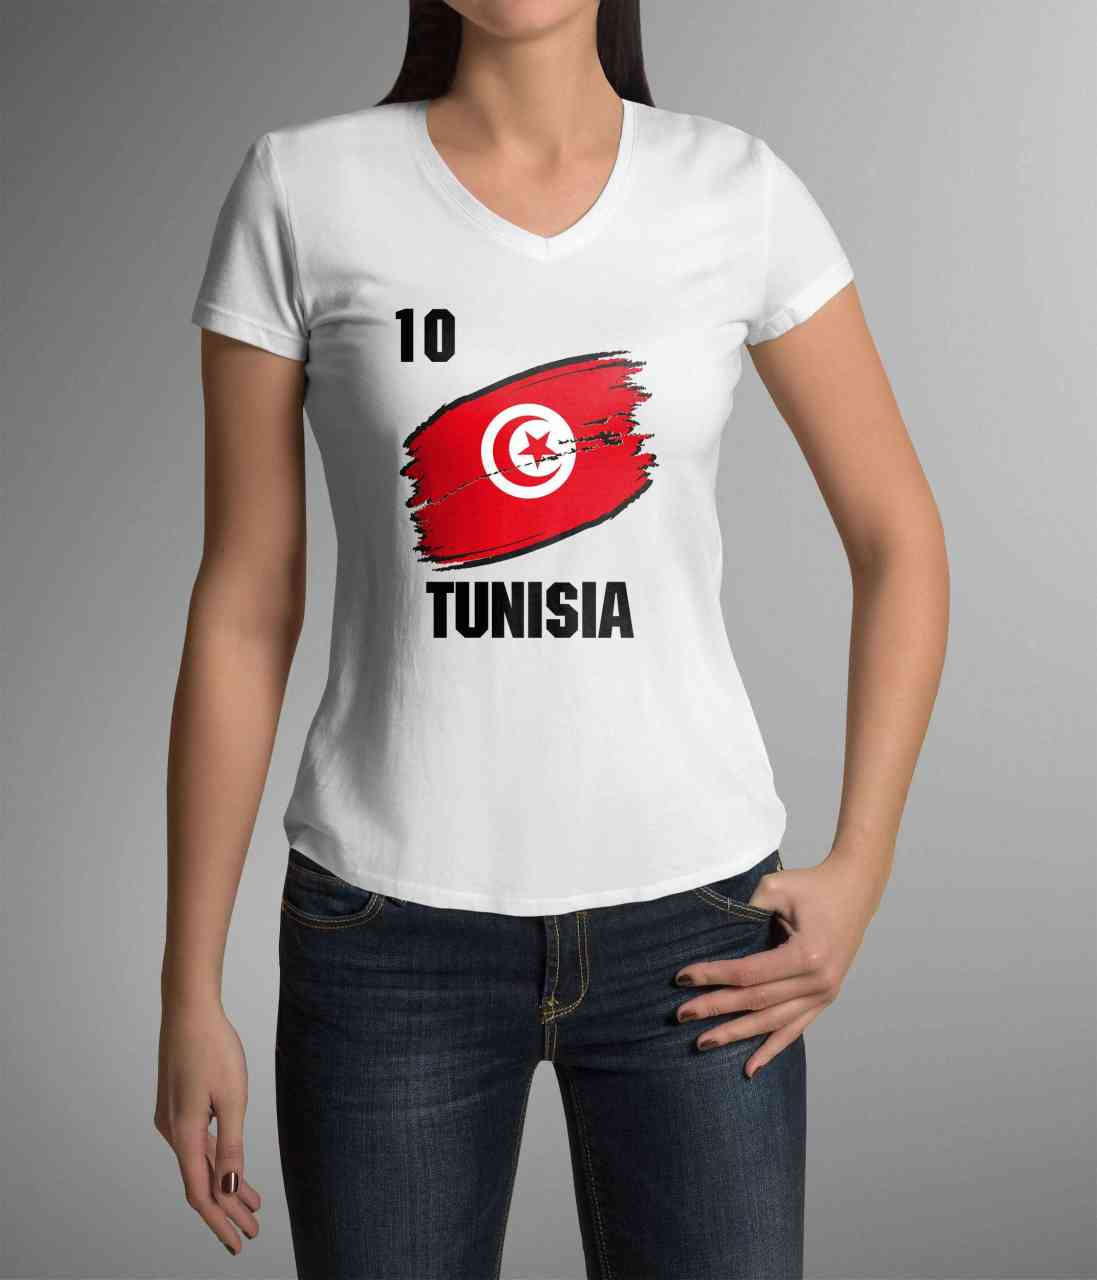 Tunisia | Tunesien | Männer oder Frauen Trikot T - Shirt mit Wunsch Nummer + Wunsch Name | WM 2018